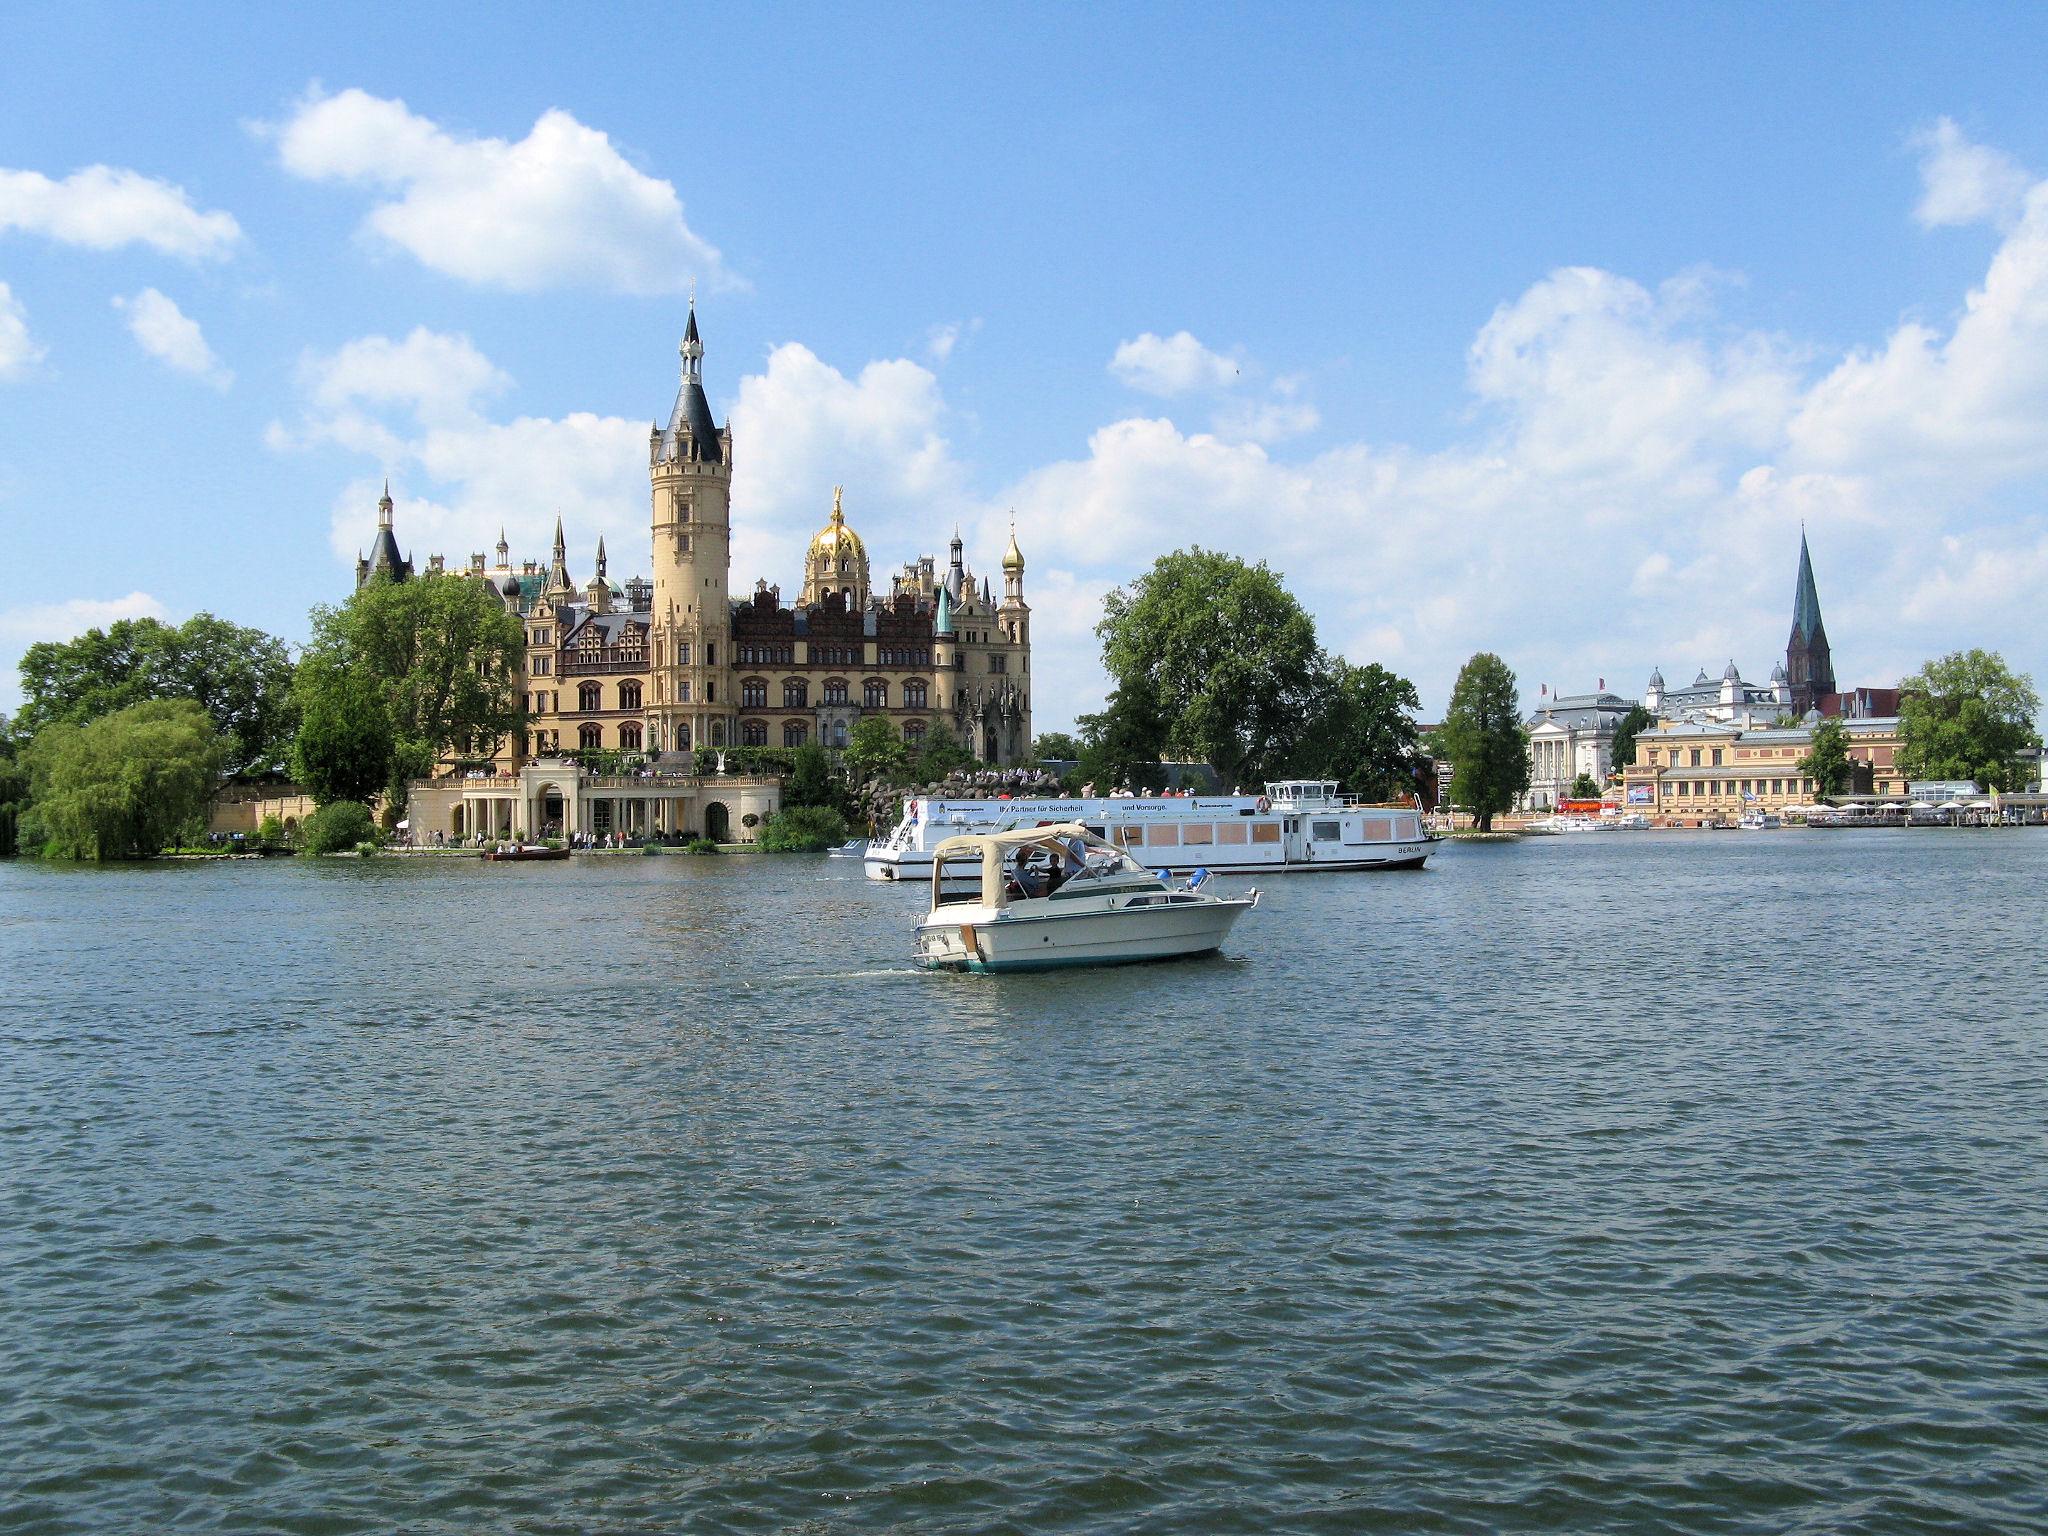 File:Schwerin Bundesgartenschau Schloss Weisse Flotte 2009.